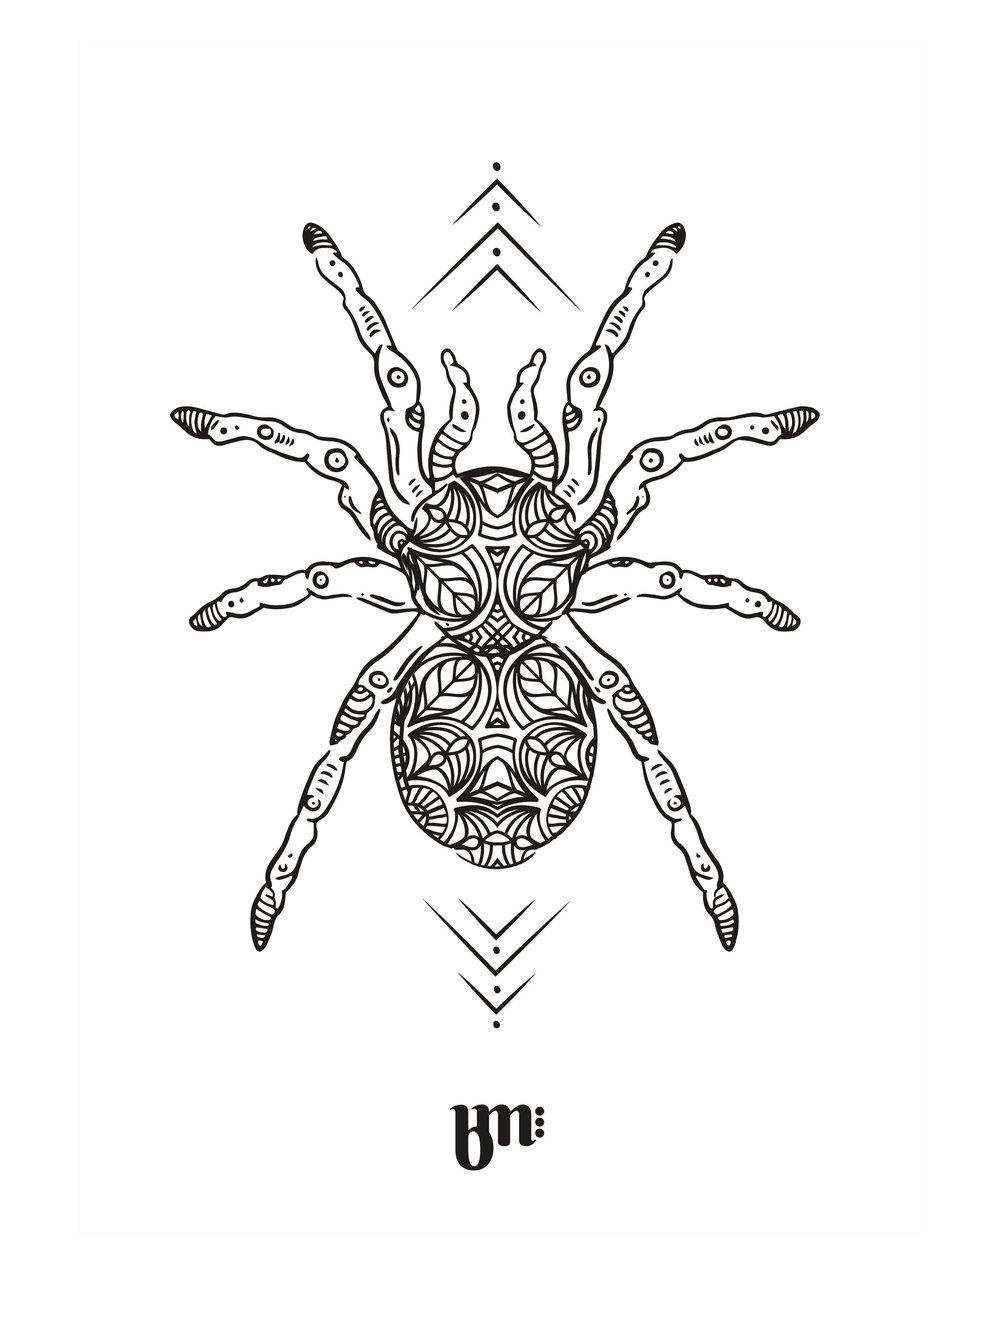 Le fichier original réalisé sur tablette graphique par Bénédicte